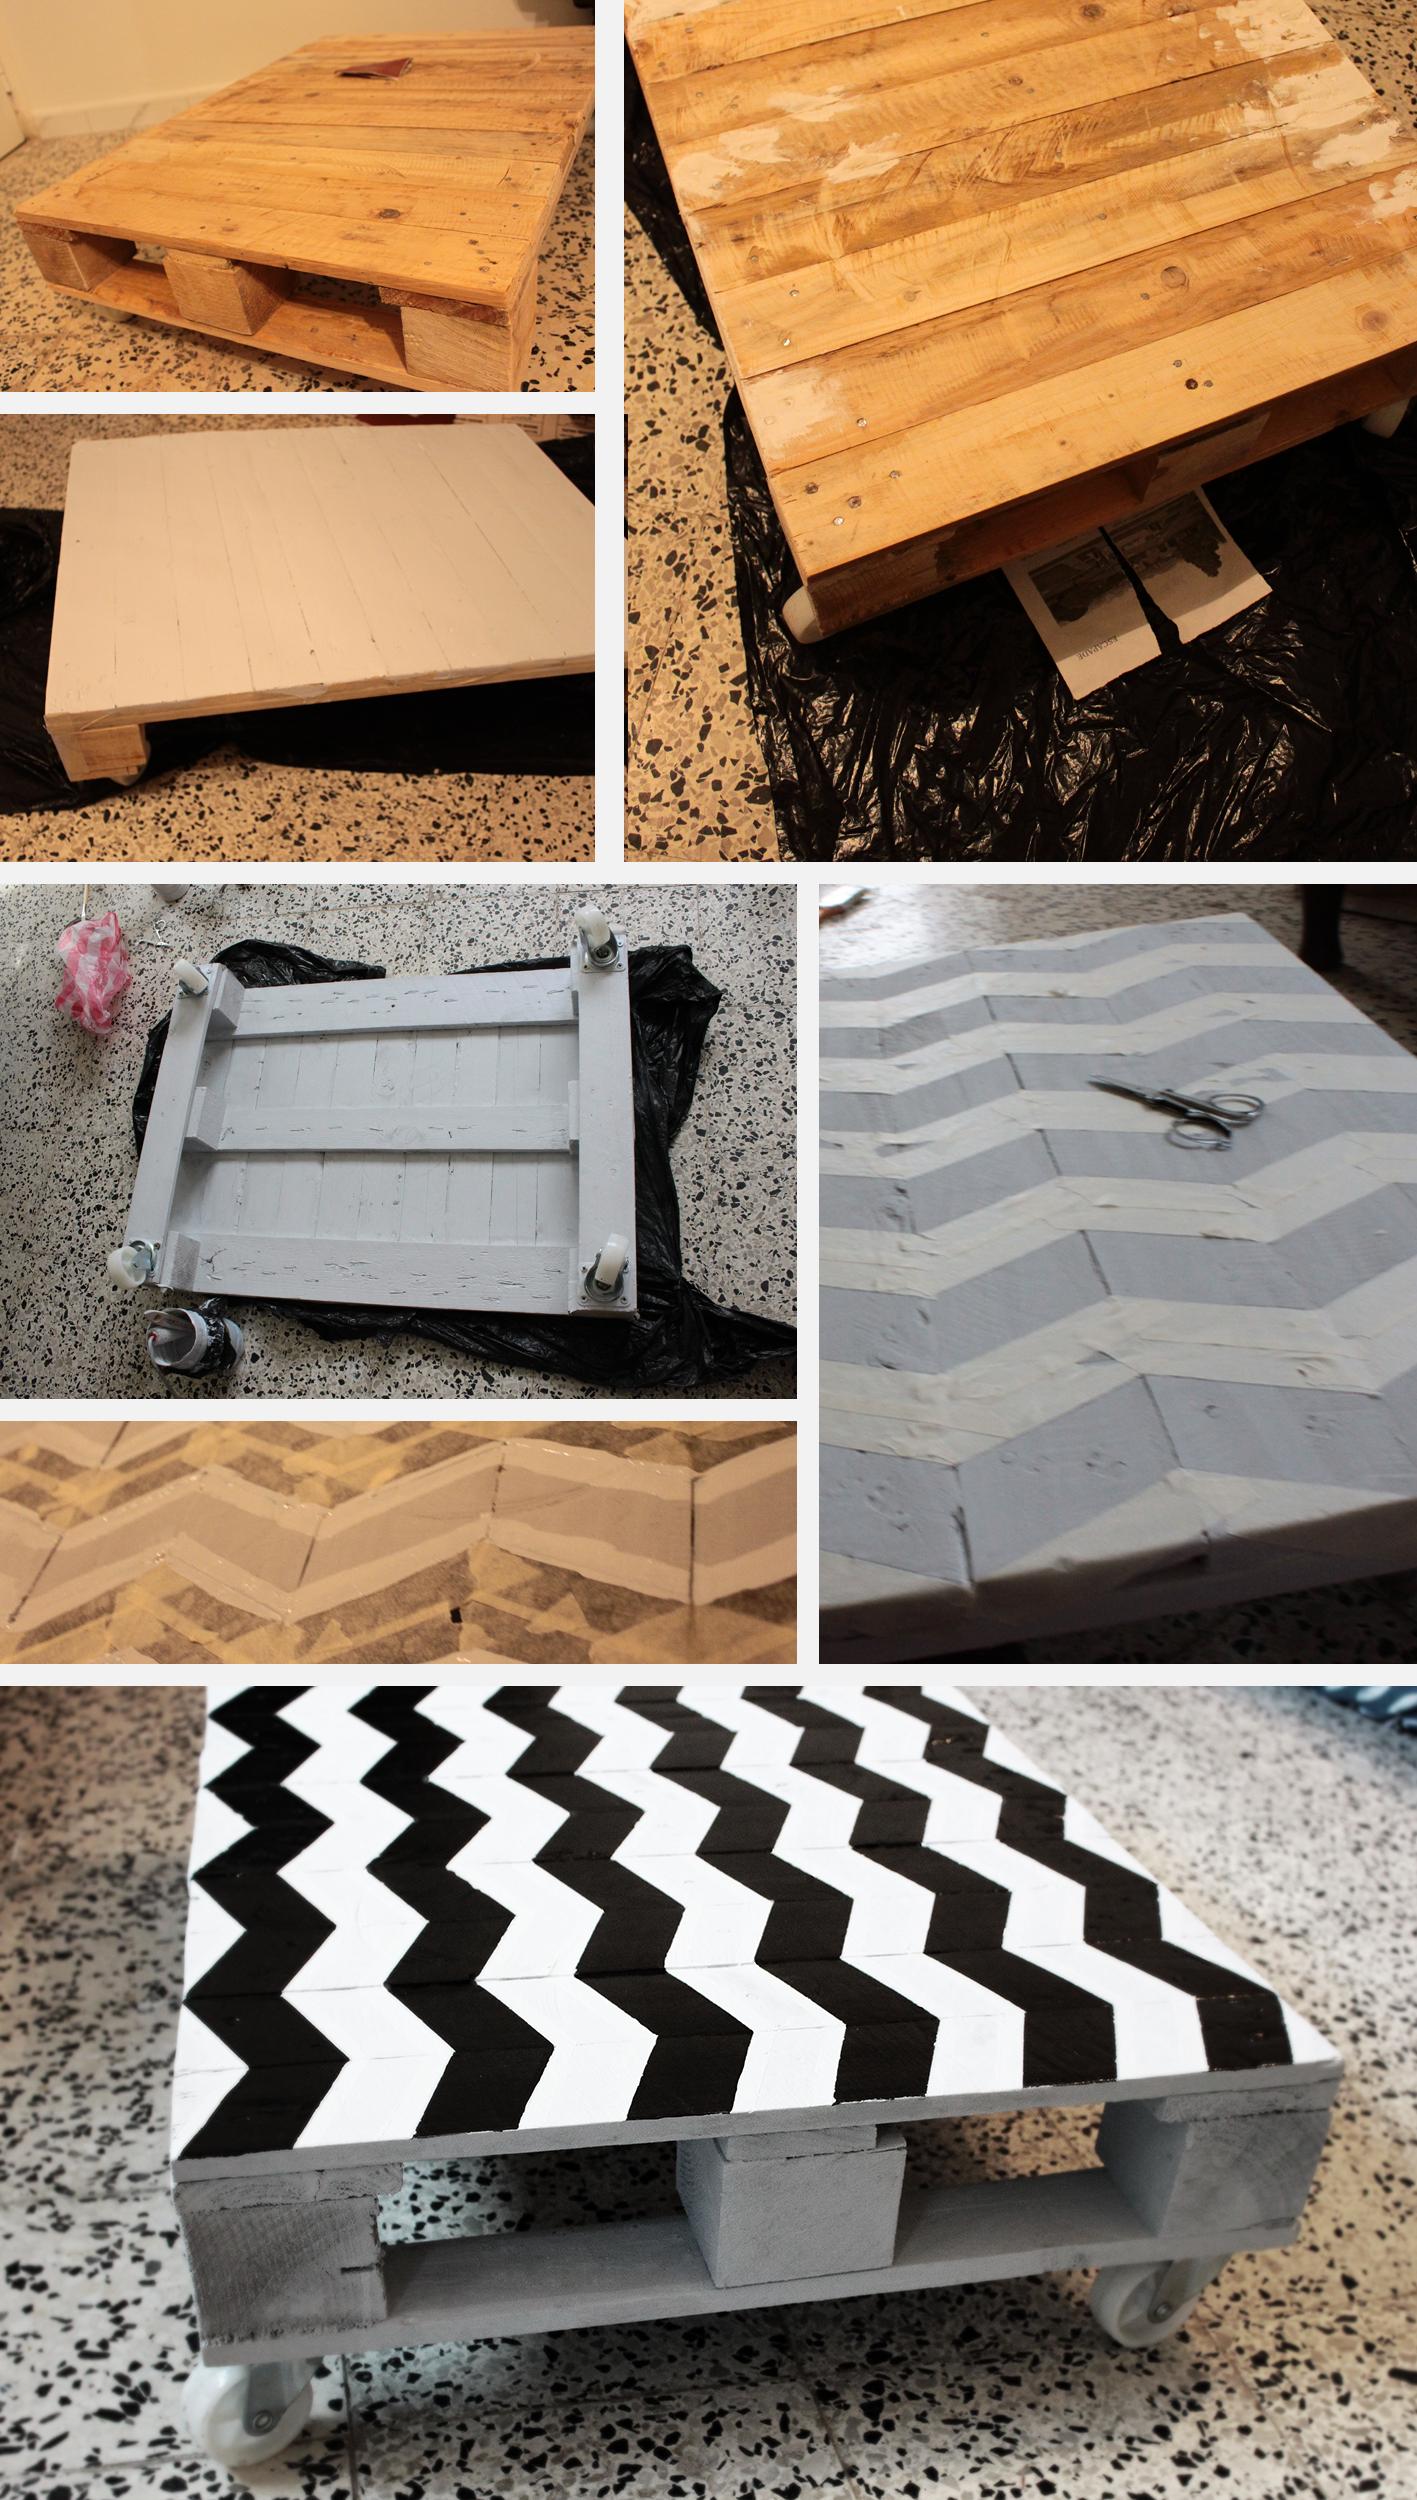 Table Basse/Coffee Table #table_basse #coffee_table #deco #palette #bois #pallet #wood #ecolo #bricolage #DIY